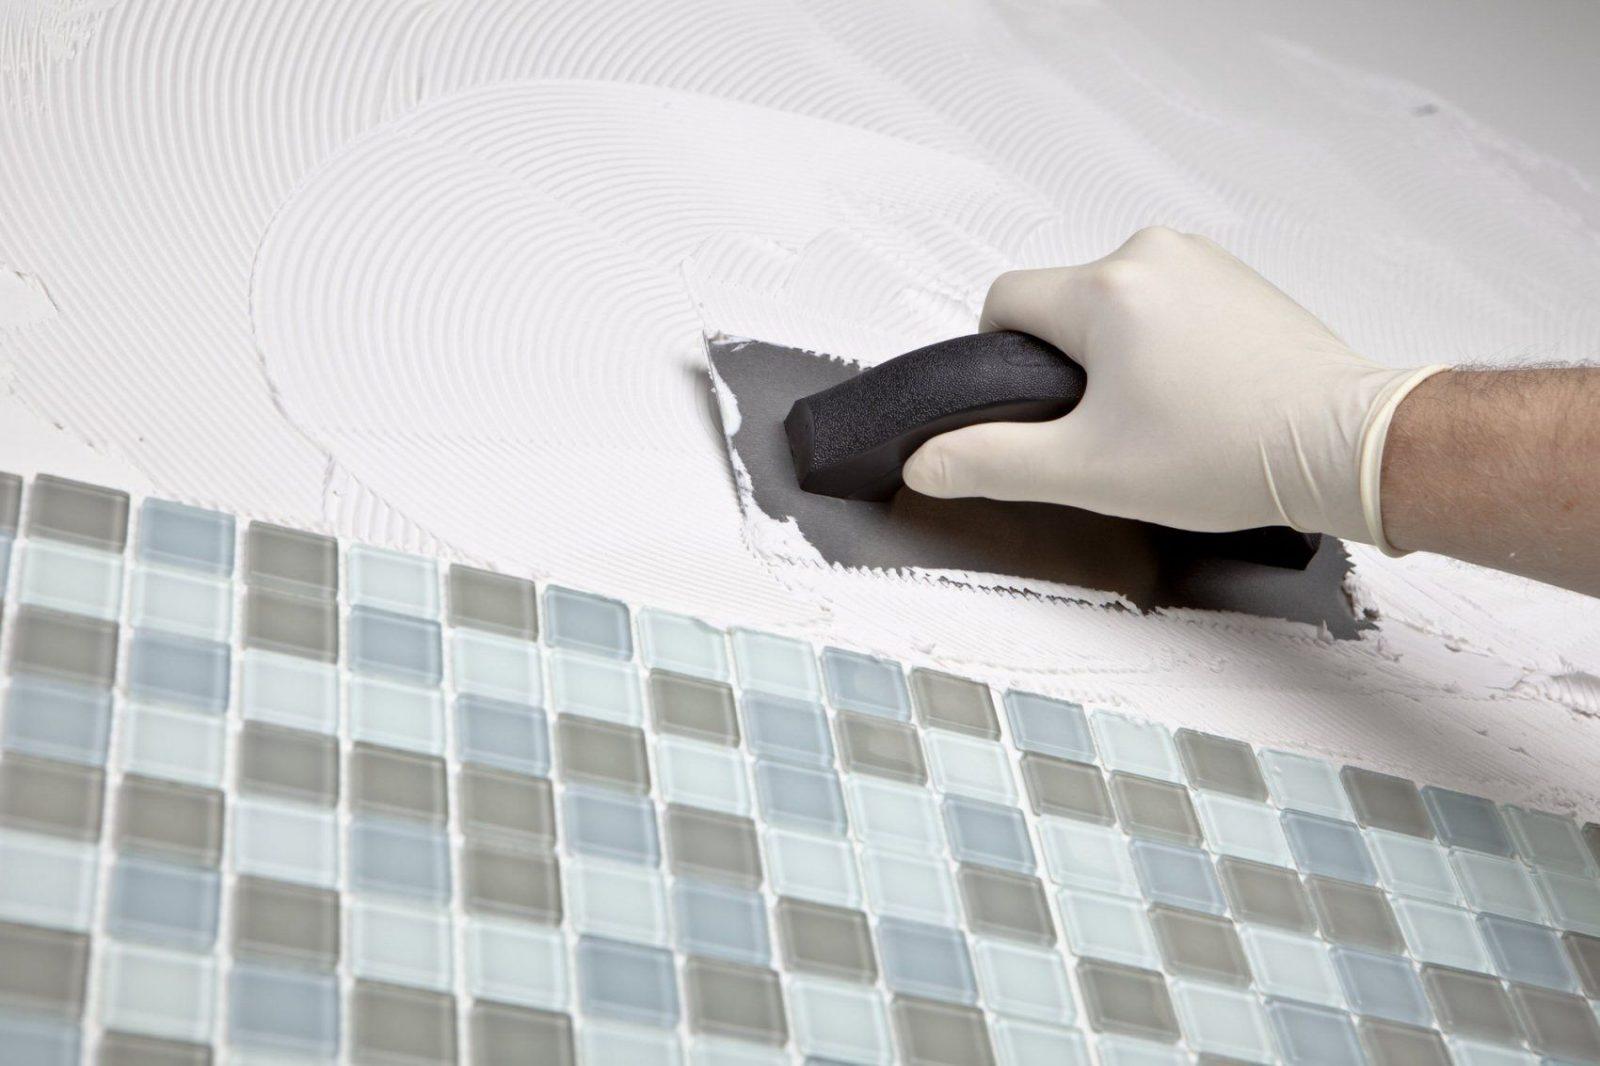 Beton Fußboden Streichen ~ Fliesen fußboden streichen bodenfliesen streichen vorher nachher